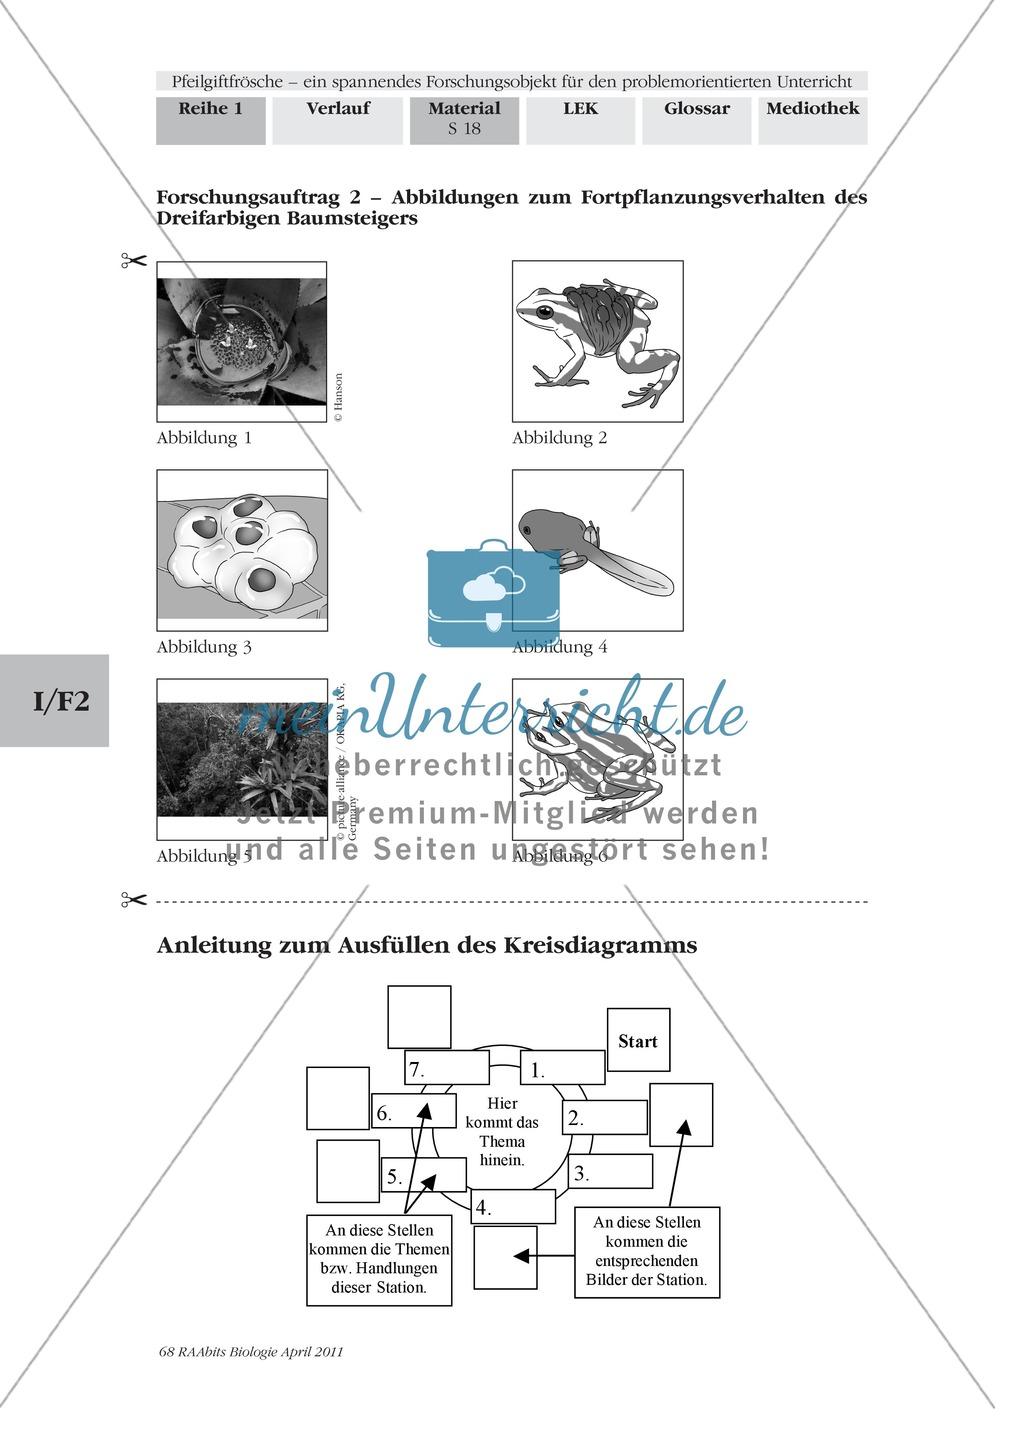 Fortpflanzung von Lurchen am Beispiel von Fröschen: Forschungsauftrag Preview 2